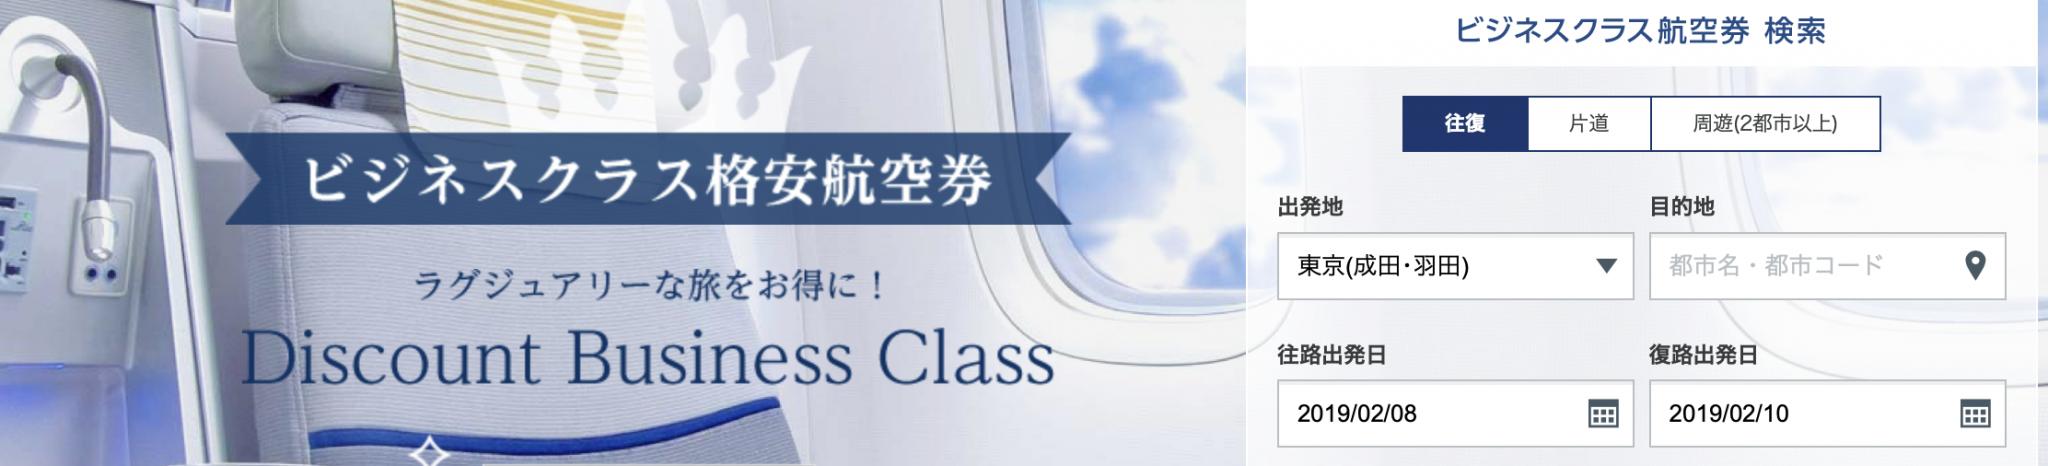 etourのビジネス海外航空券